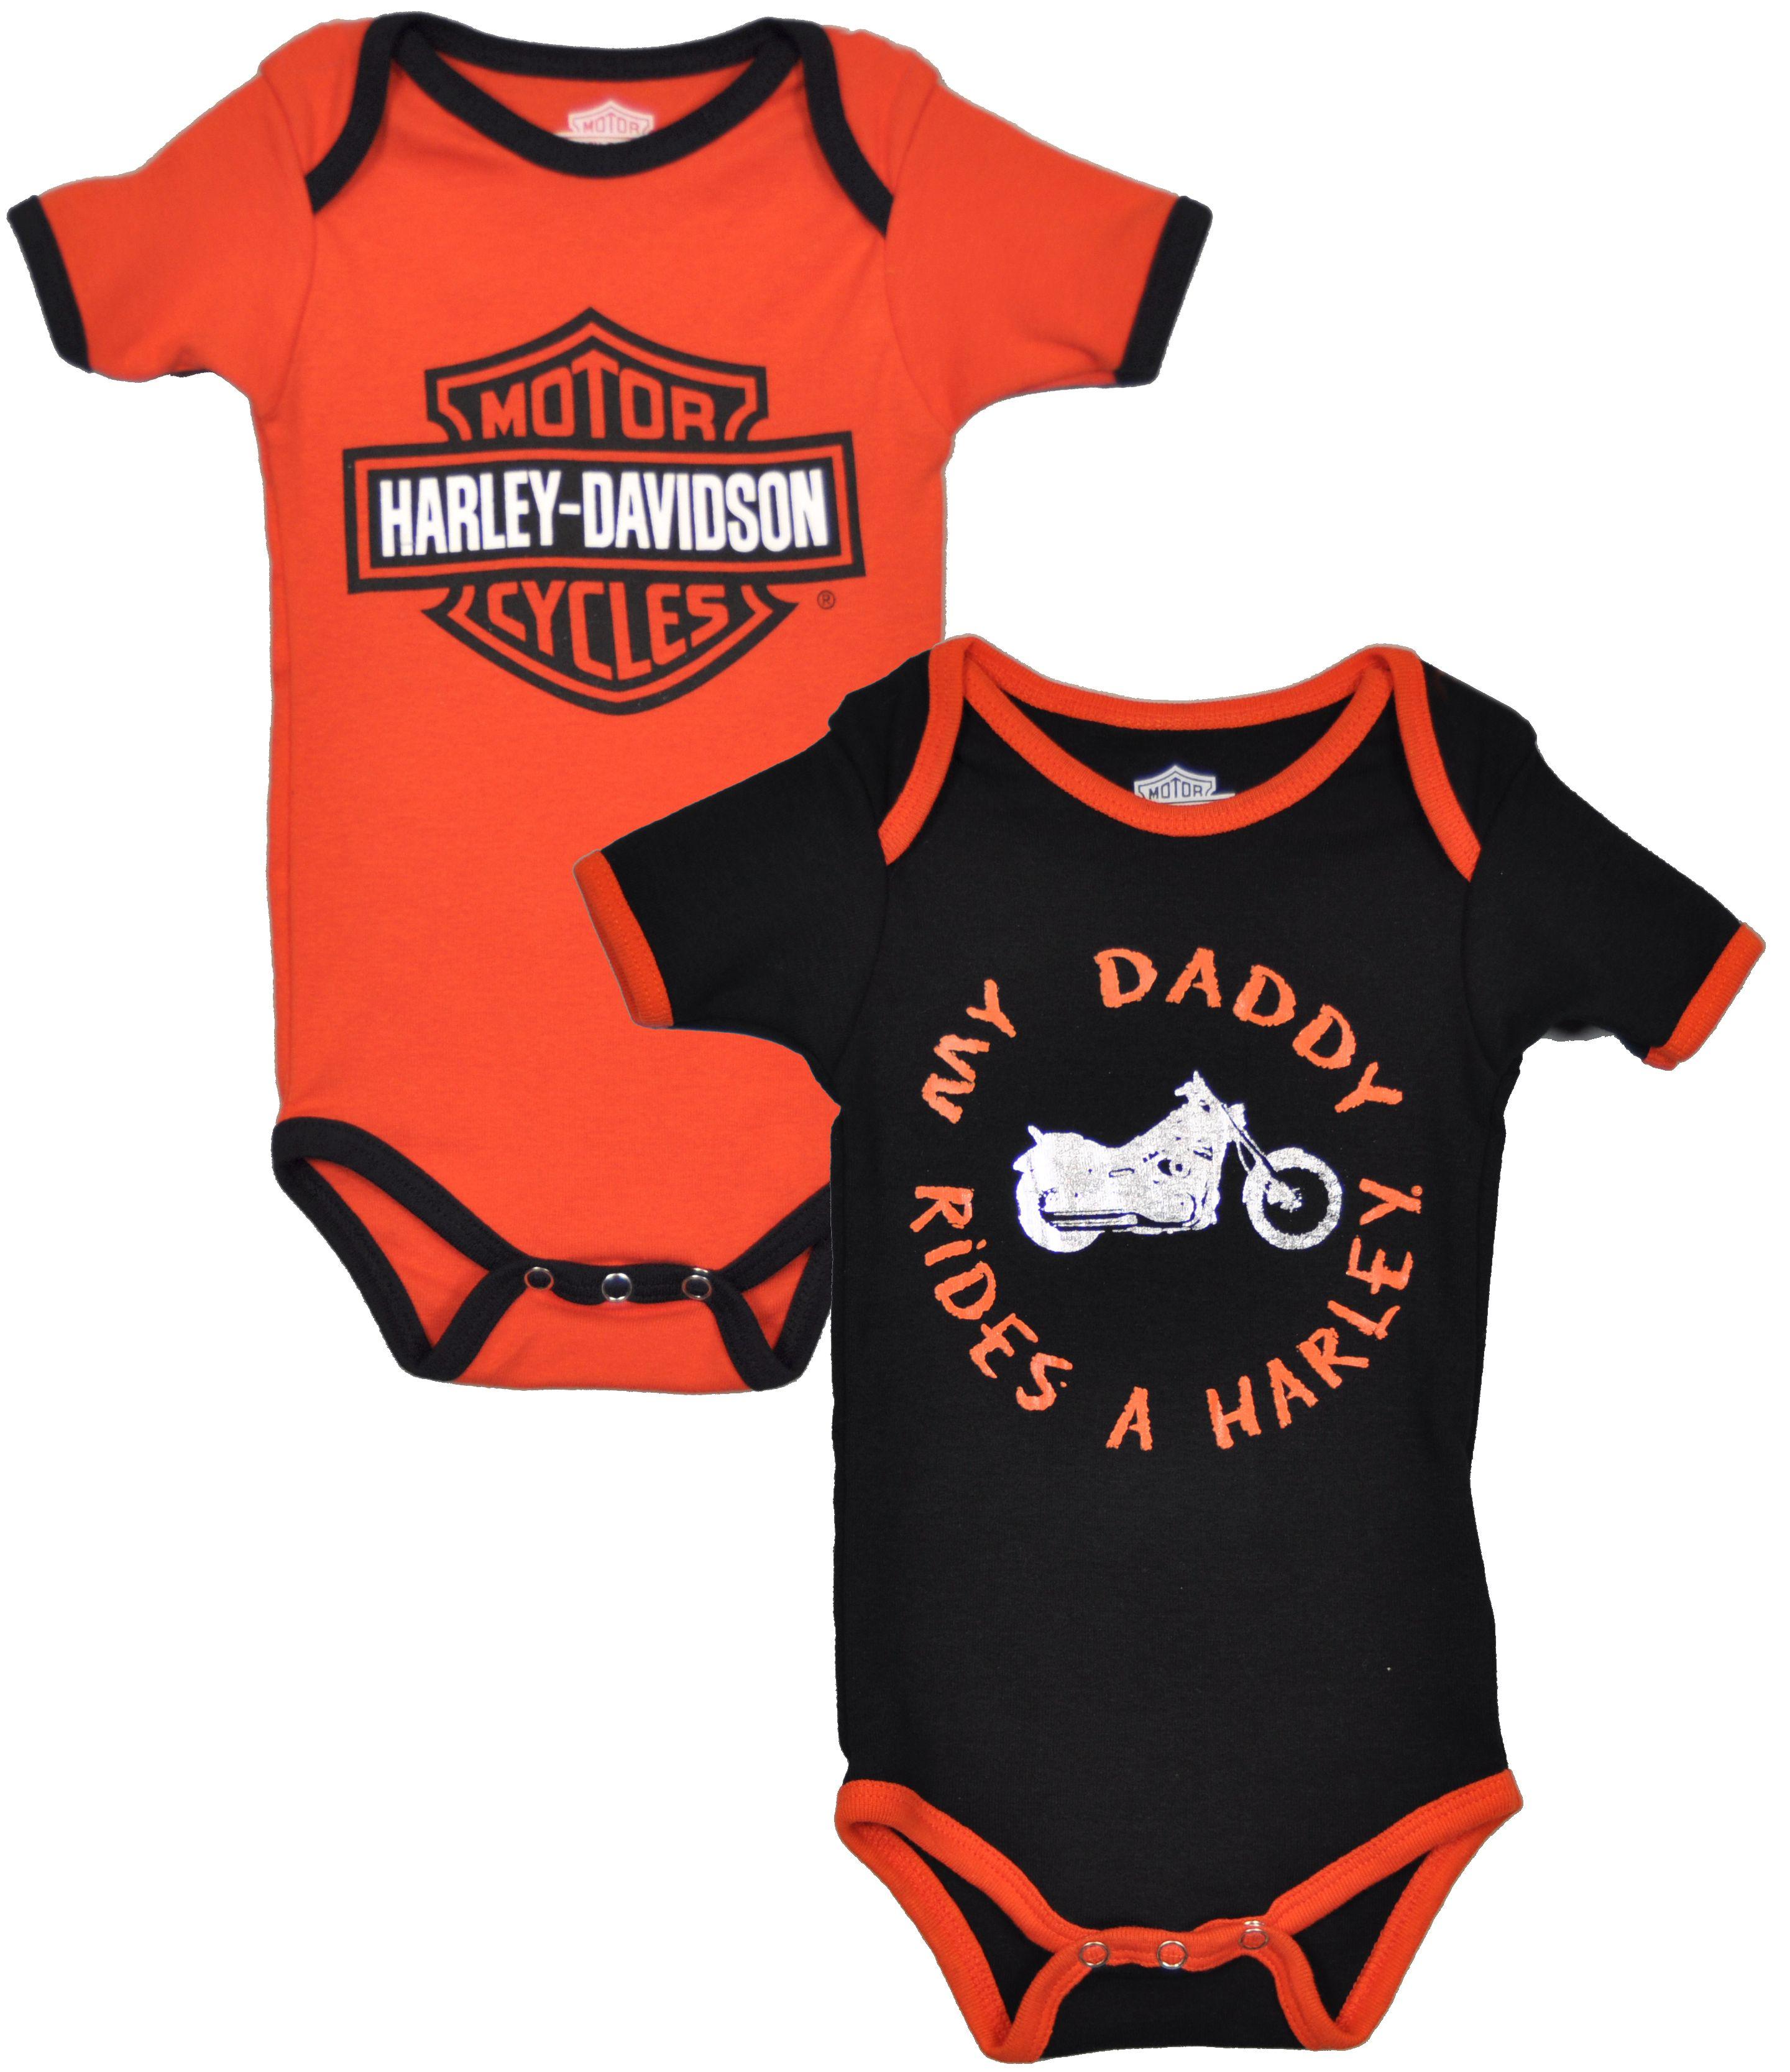 Harley-Davidson ® Boys' 2-Pc Creeper Set My Daddy Rides a Ha